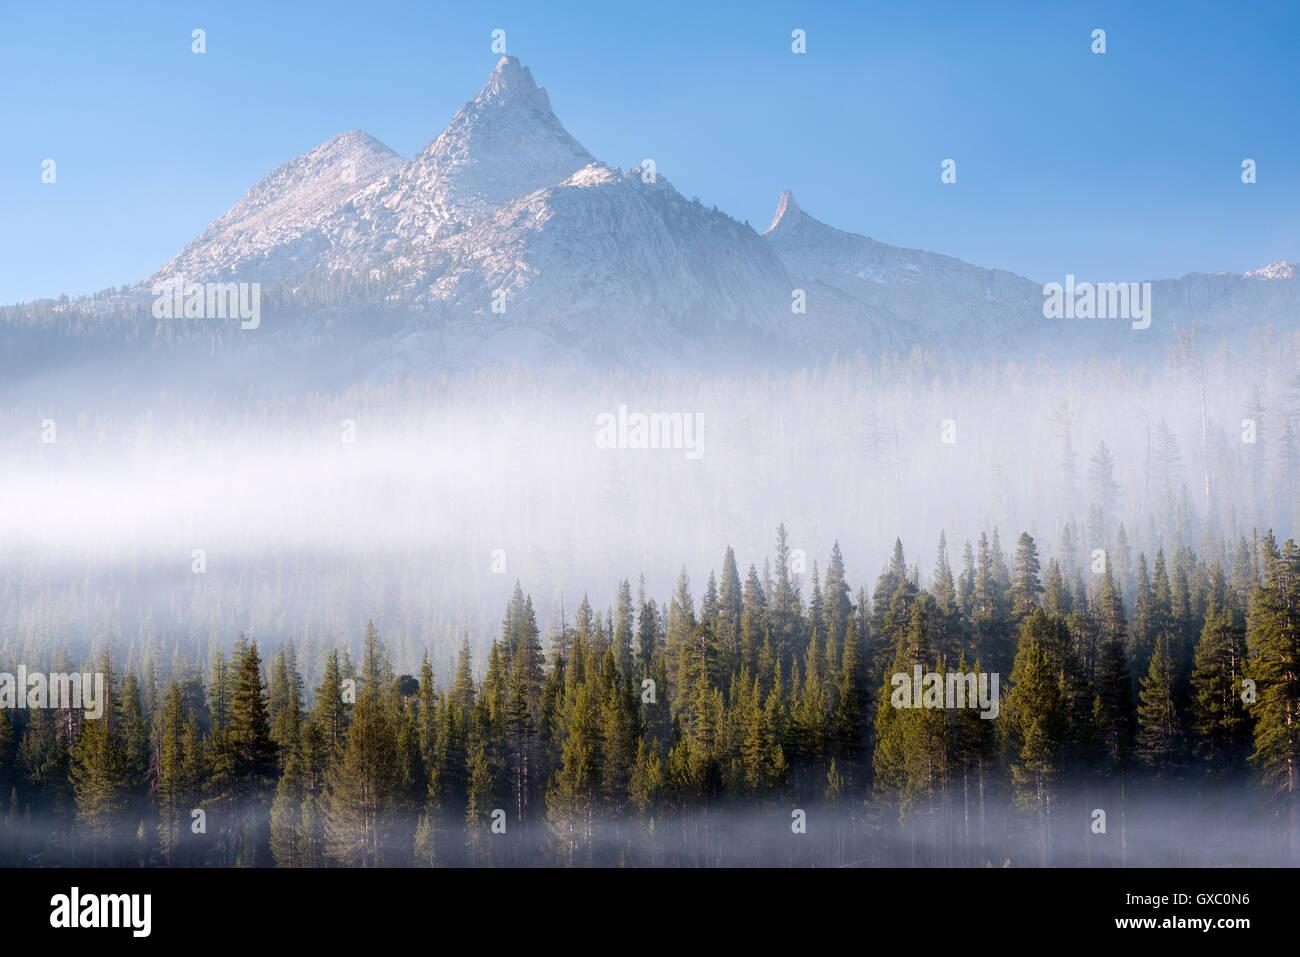 La nebbia che circonda la foresta al di sotto del picco di Unicorn, Yosemite National Park, California, Stati Uniti Immagini Stock